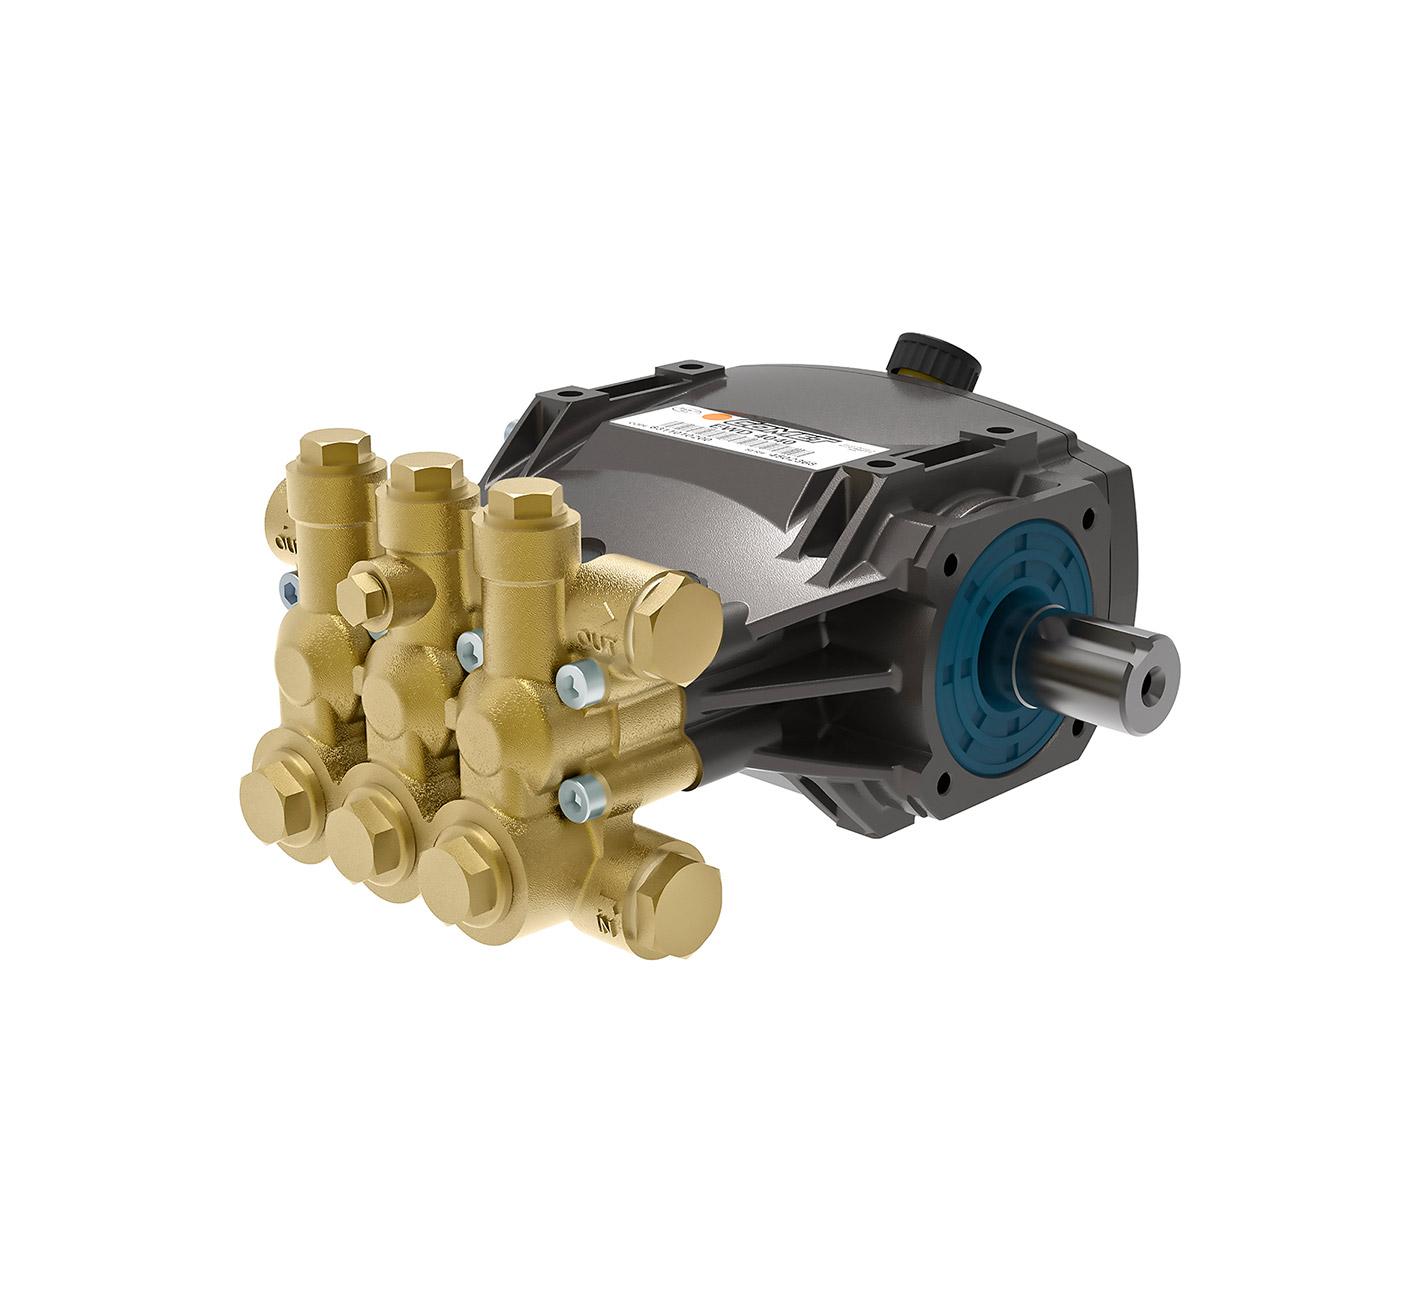 ewd s 24 Comet Industrial Pumps